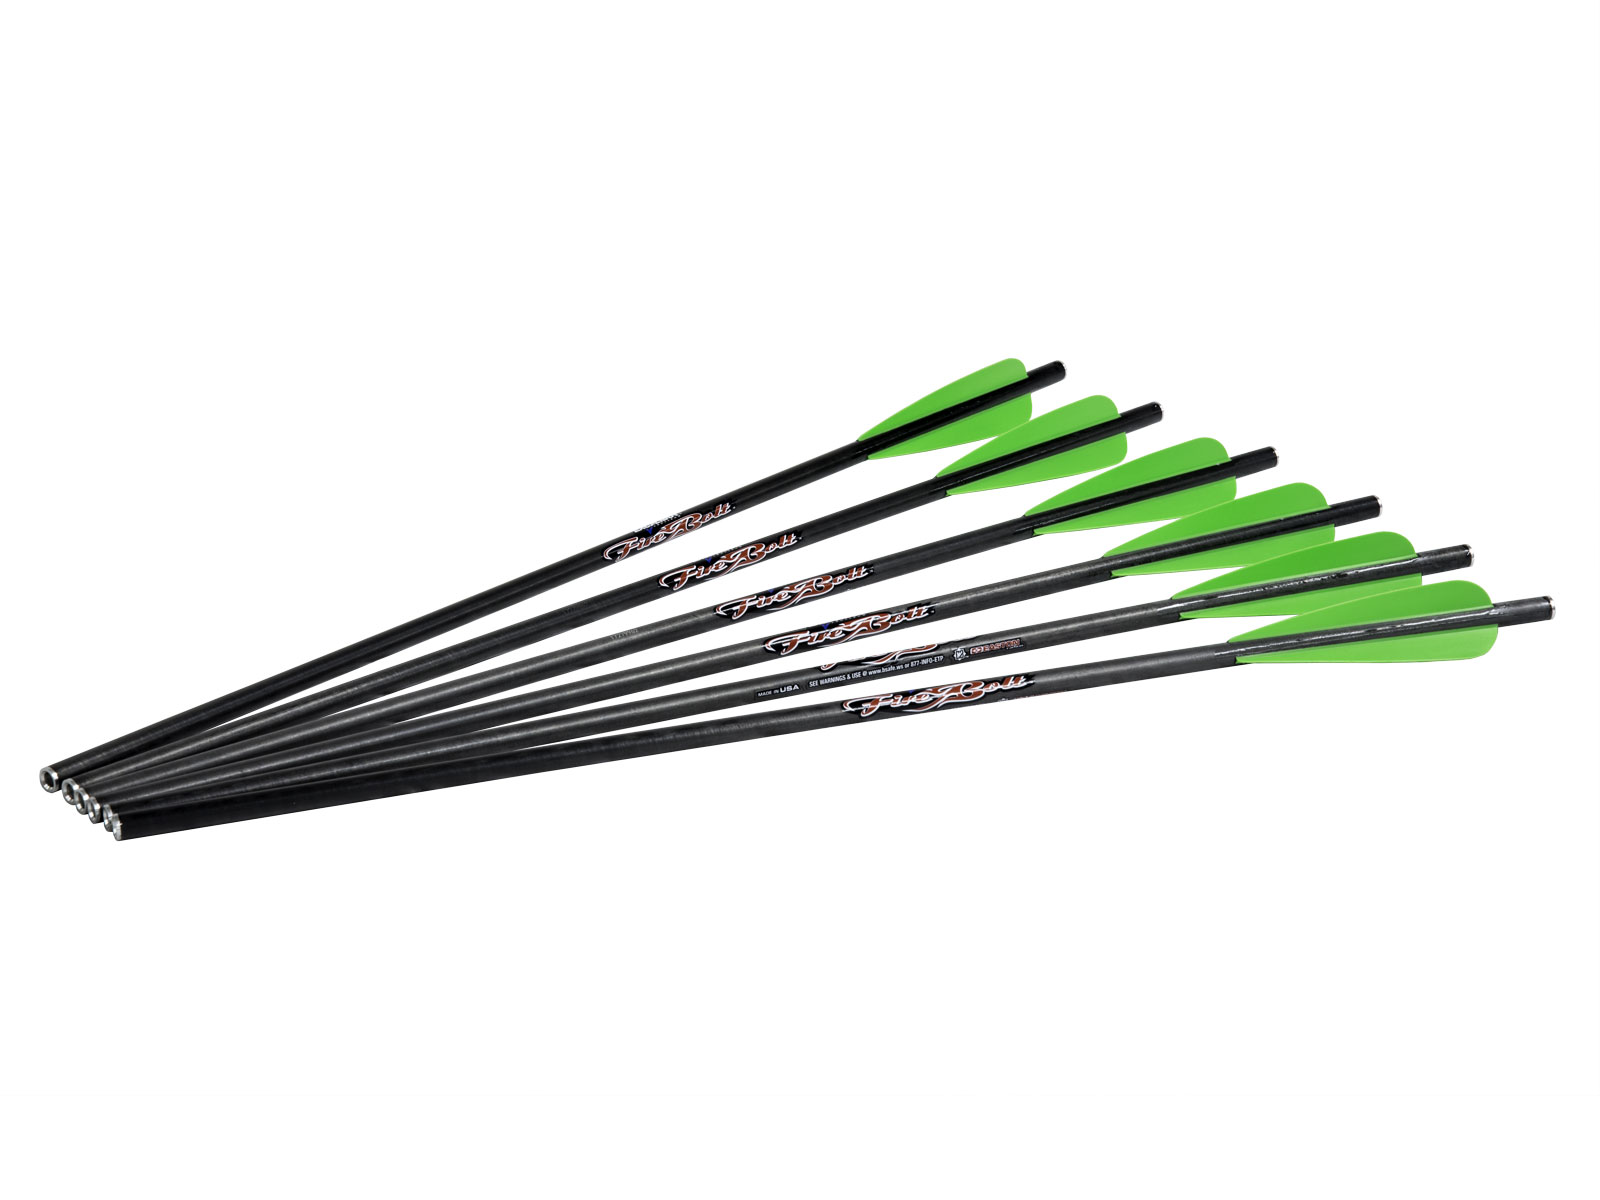 Firebolt Carbon Arrow 6pk